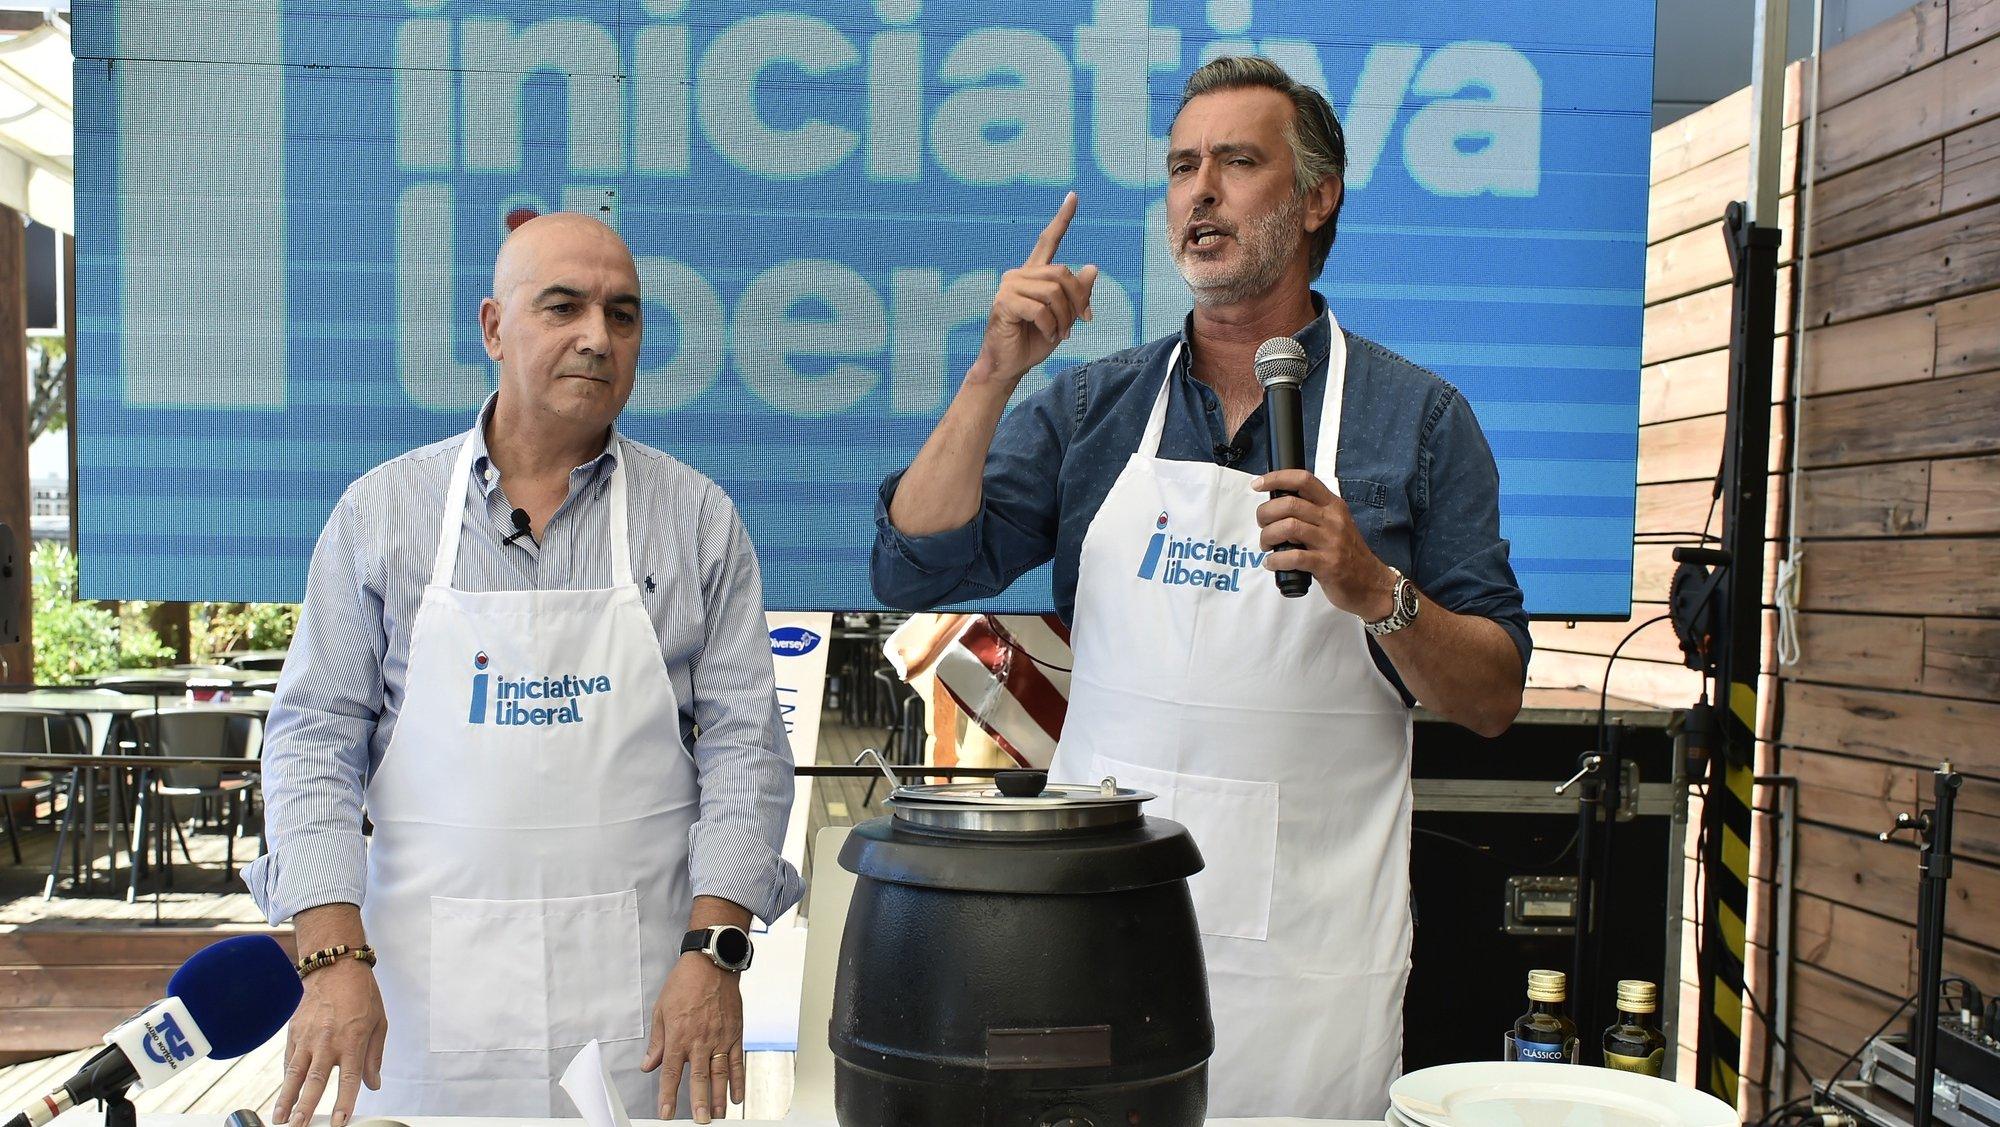 João Cotrim Figueiredo (D), presidente da Iniciativa Liberal (IL)  acompanhado pelo candidato ás autárquicas a Viseu, Fernando Figueiredo (E), esta manhã durante uma ação de campanha na cidade de Viseu, 21 de Setembro de 2021. NUNO ANDRÉ FERREIRA/LUSA.